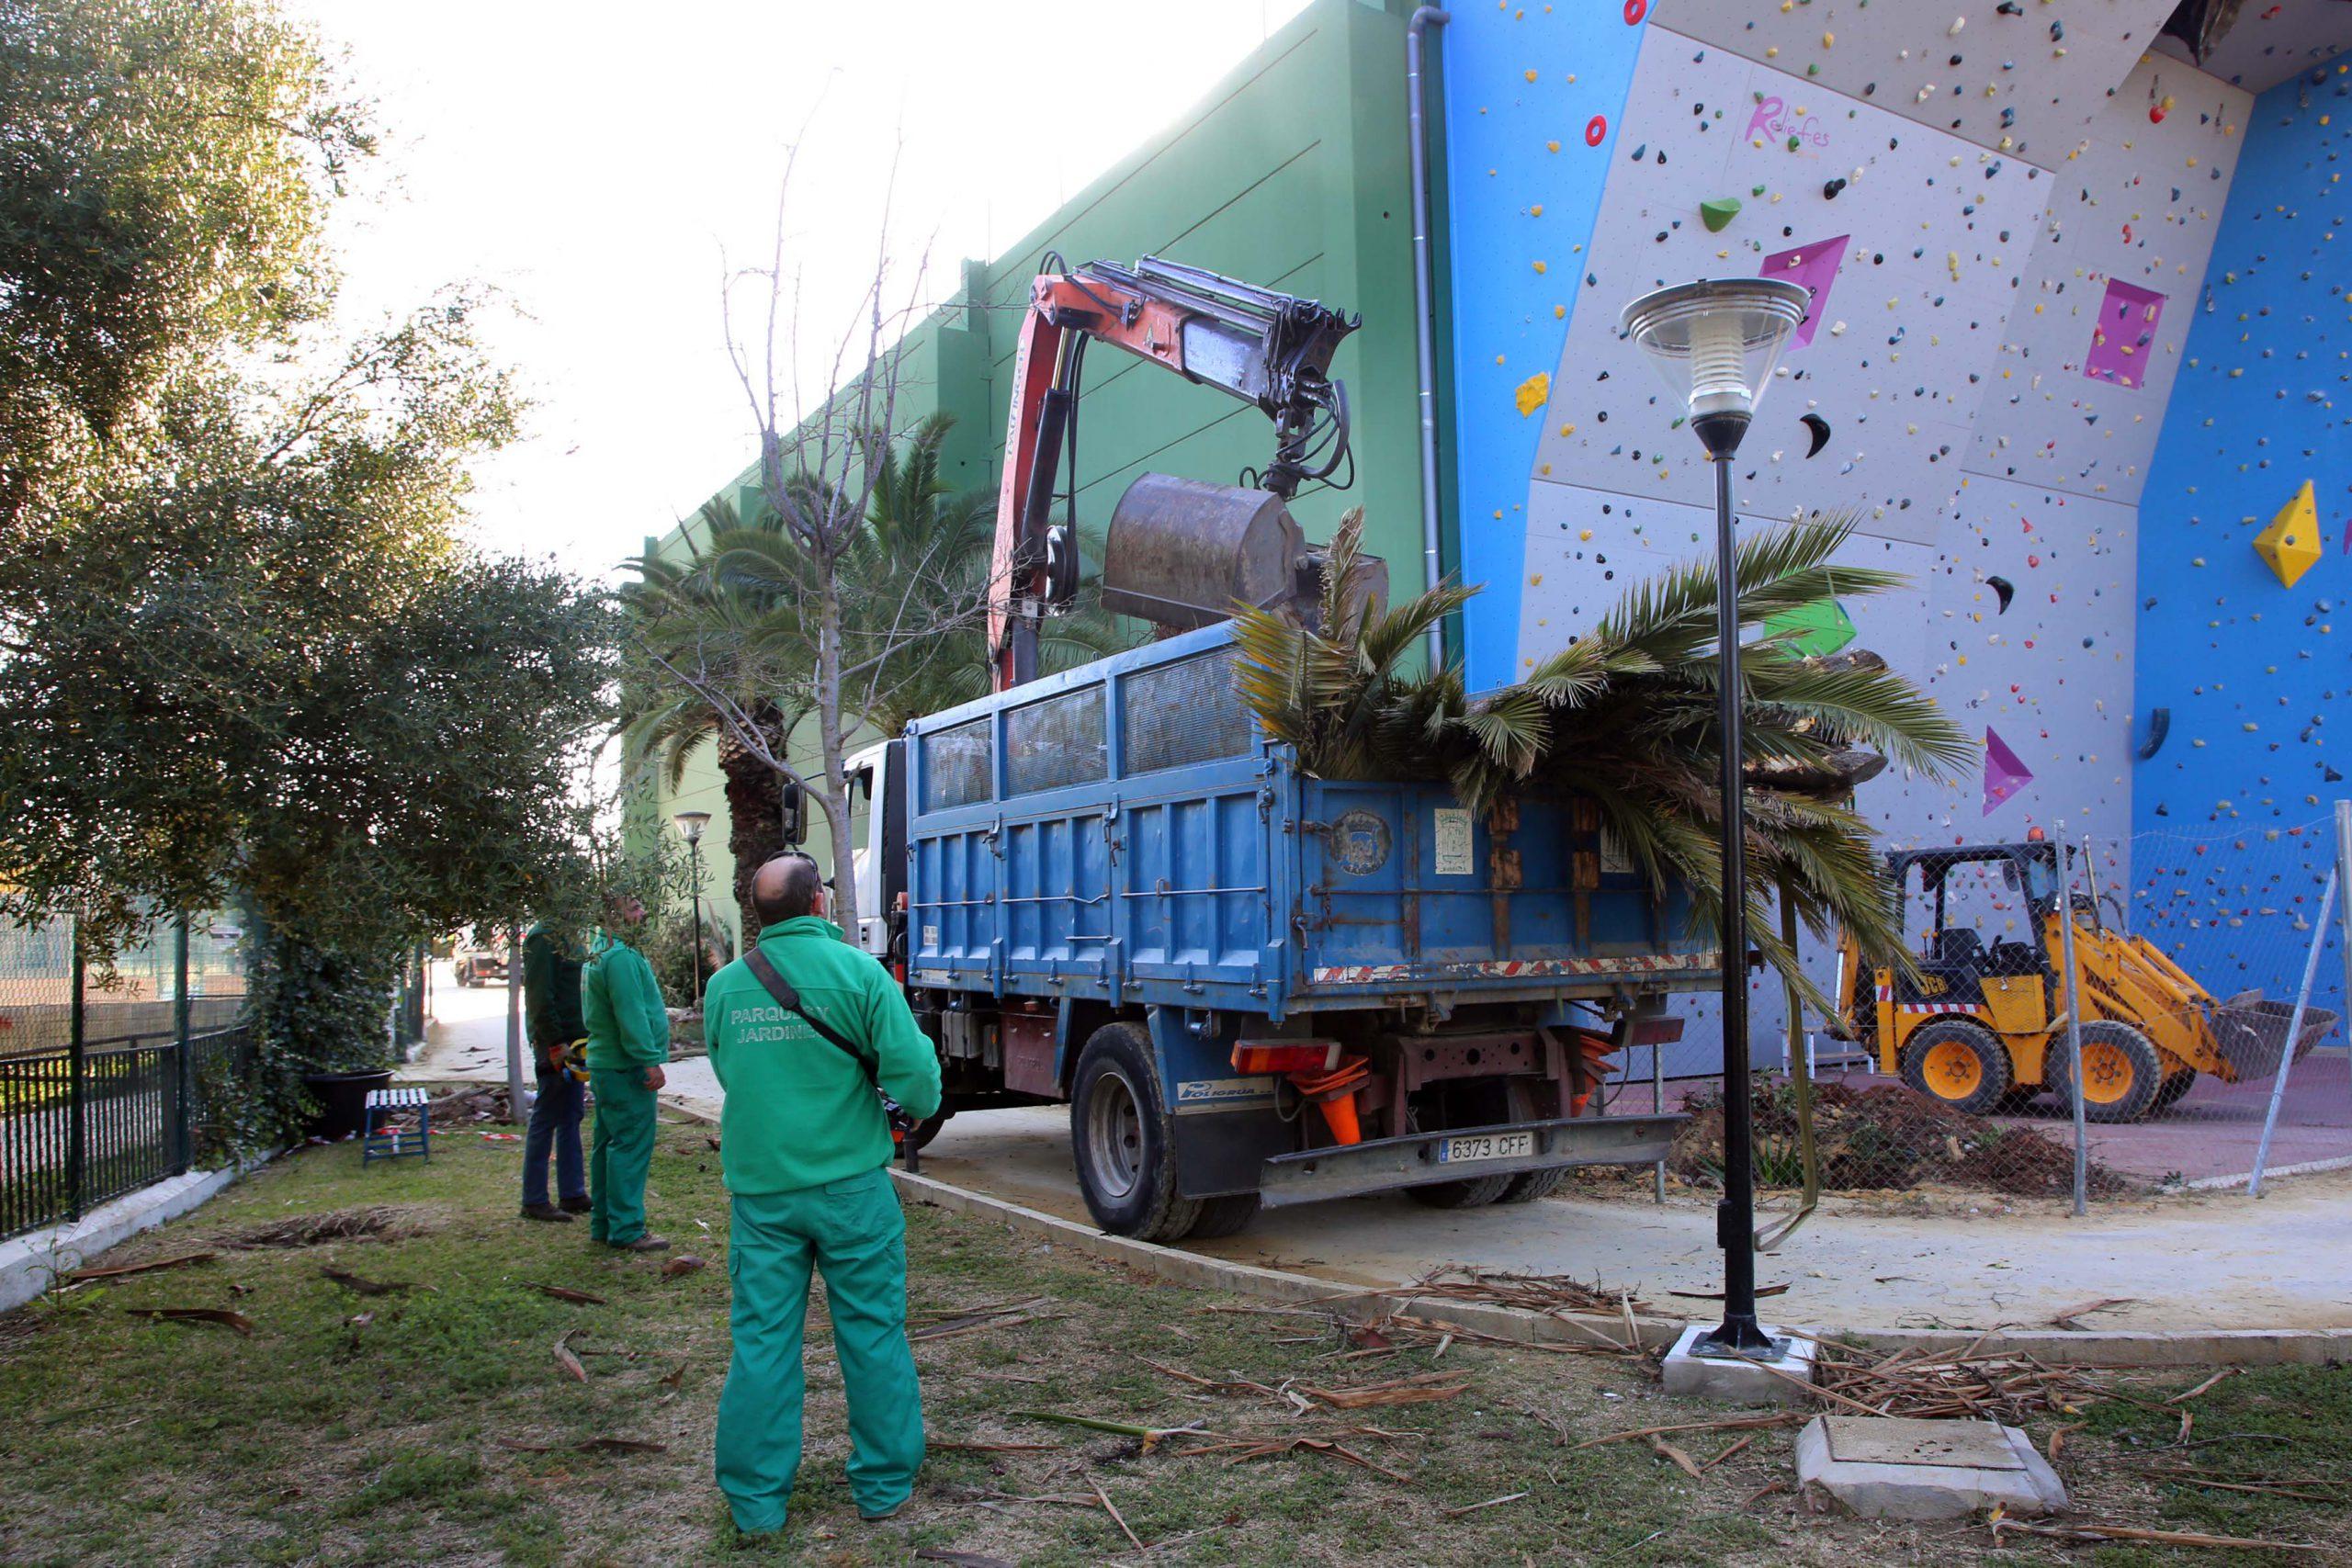 Acometen actuaciones de mejora en las zonas verdes del Polideportivo Paco Cantos